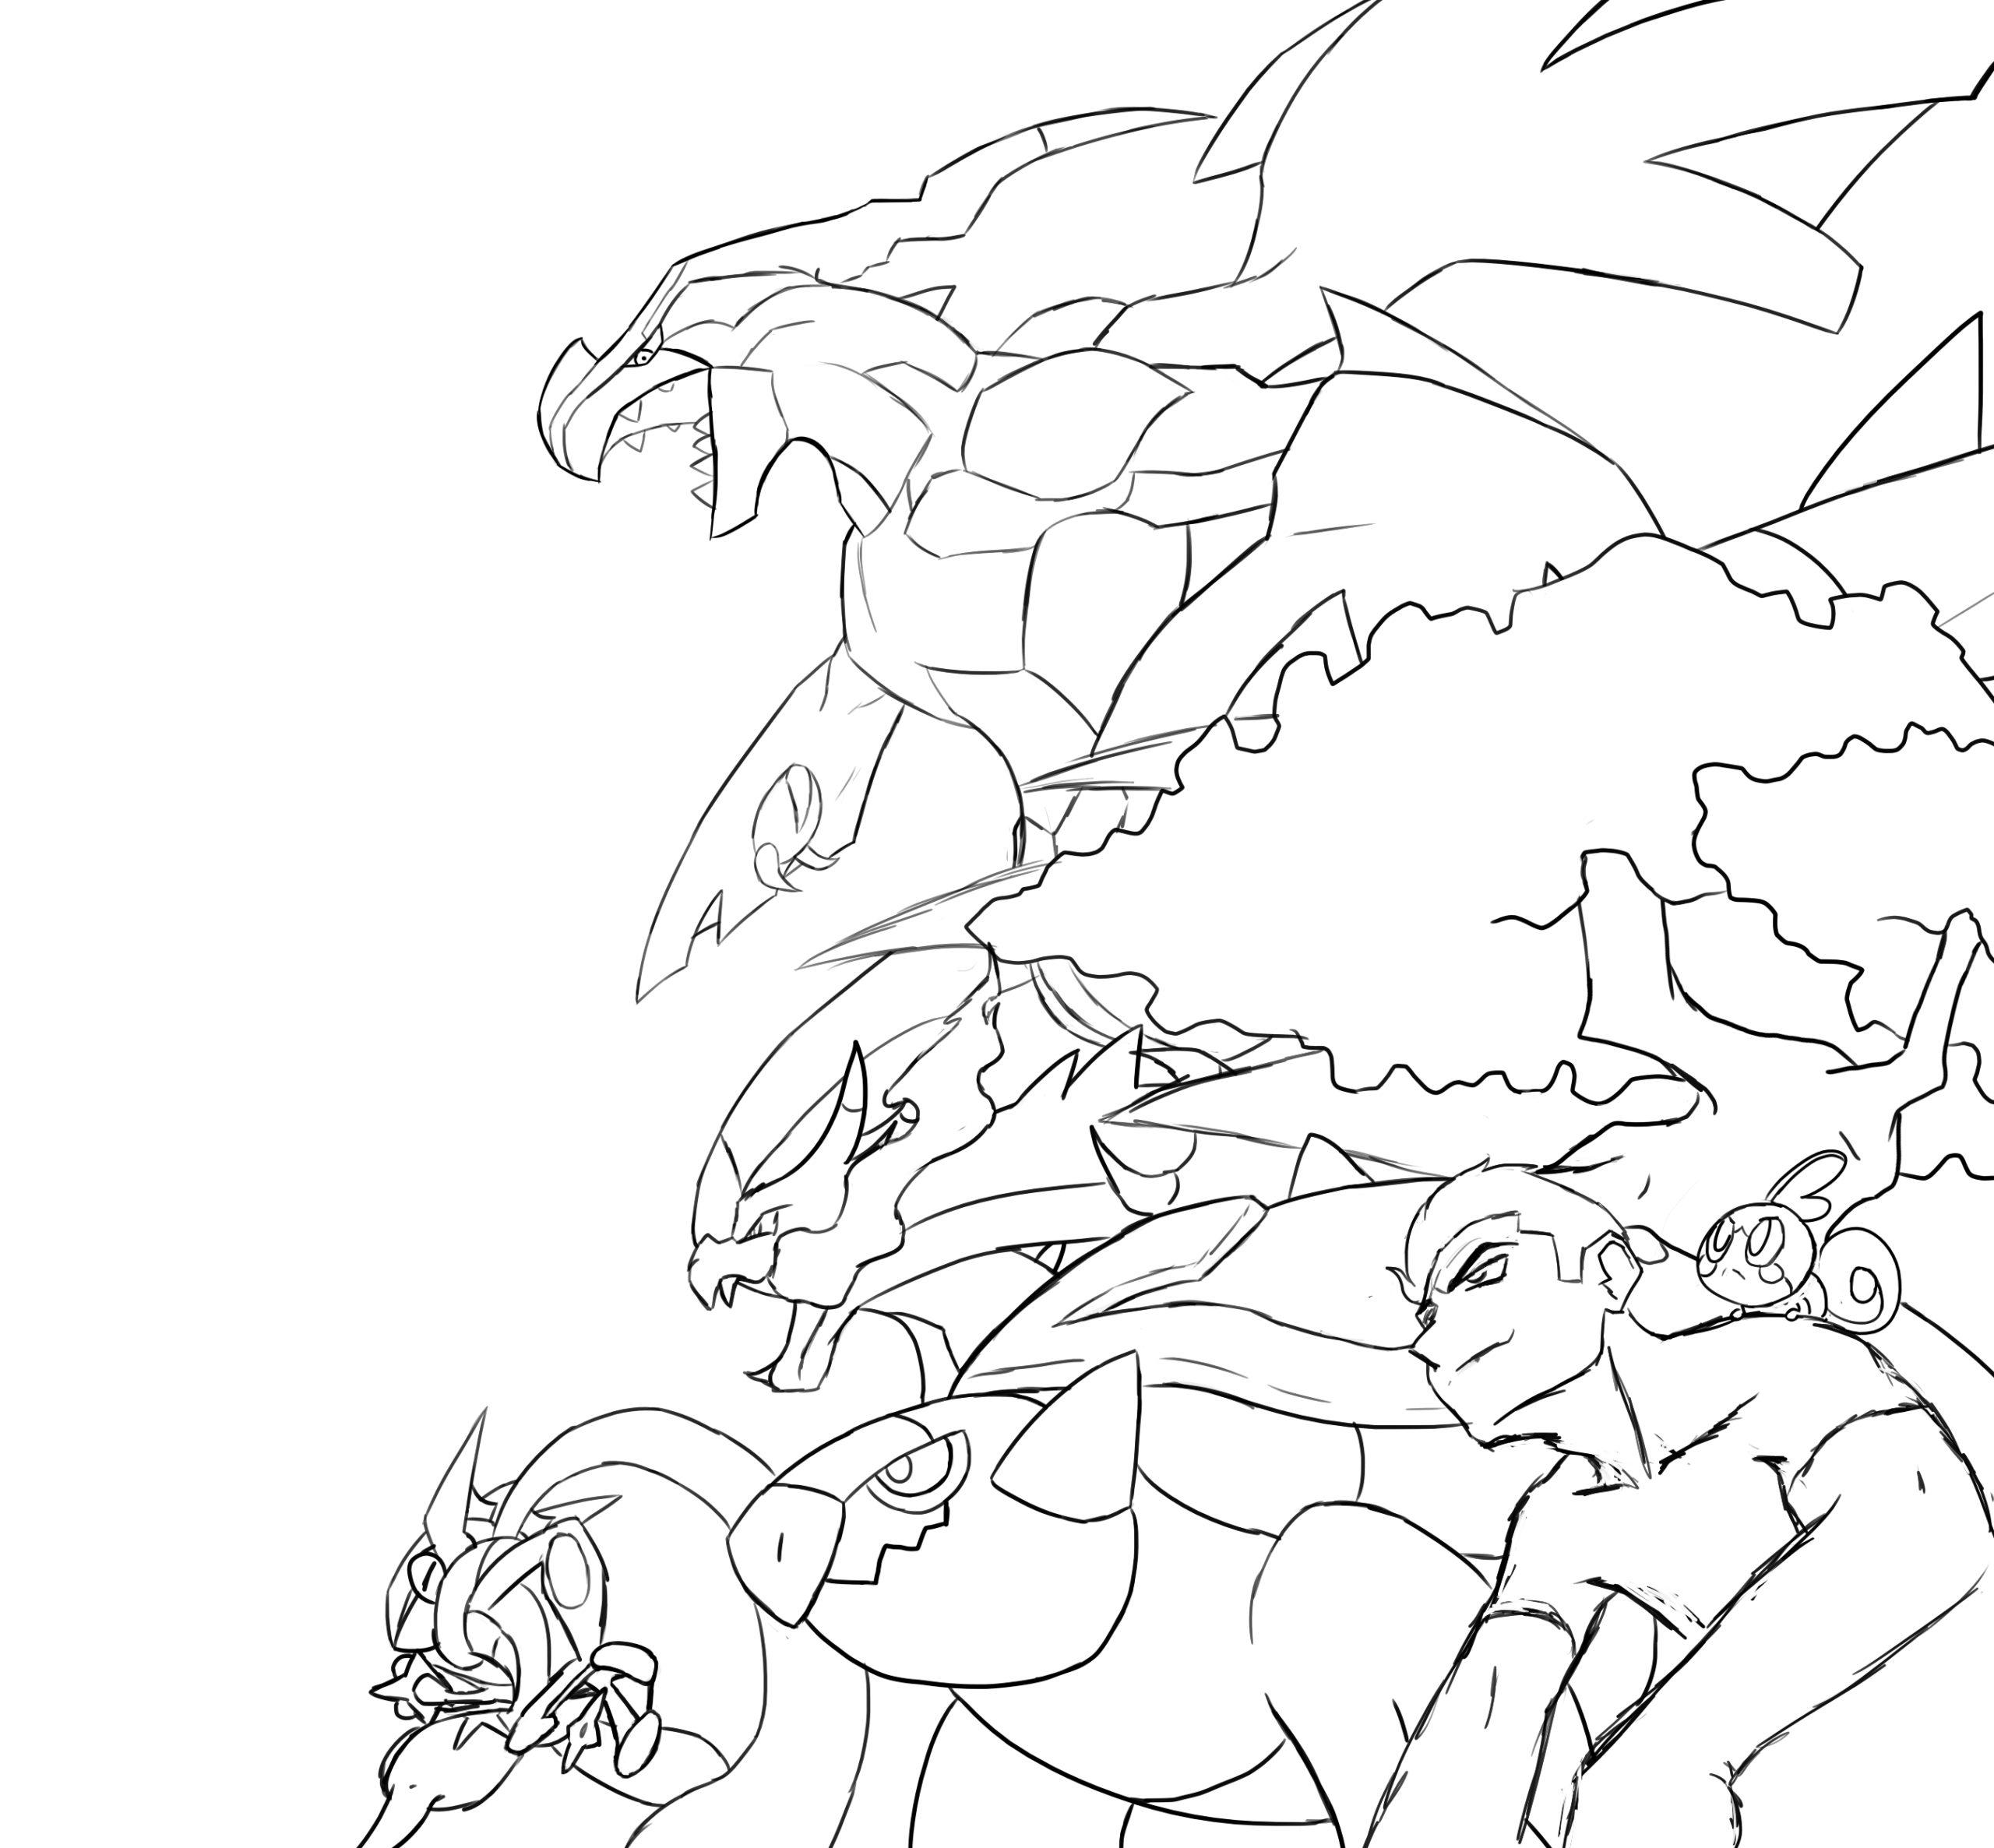 dessin pokémon épée bouclier de la catégorie coloriage pokemon